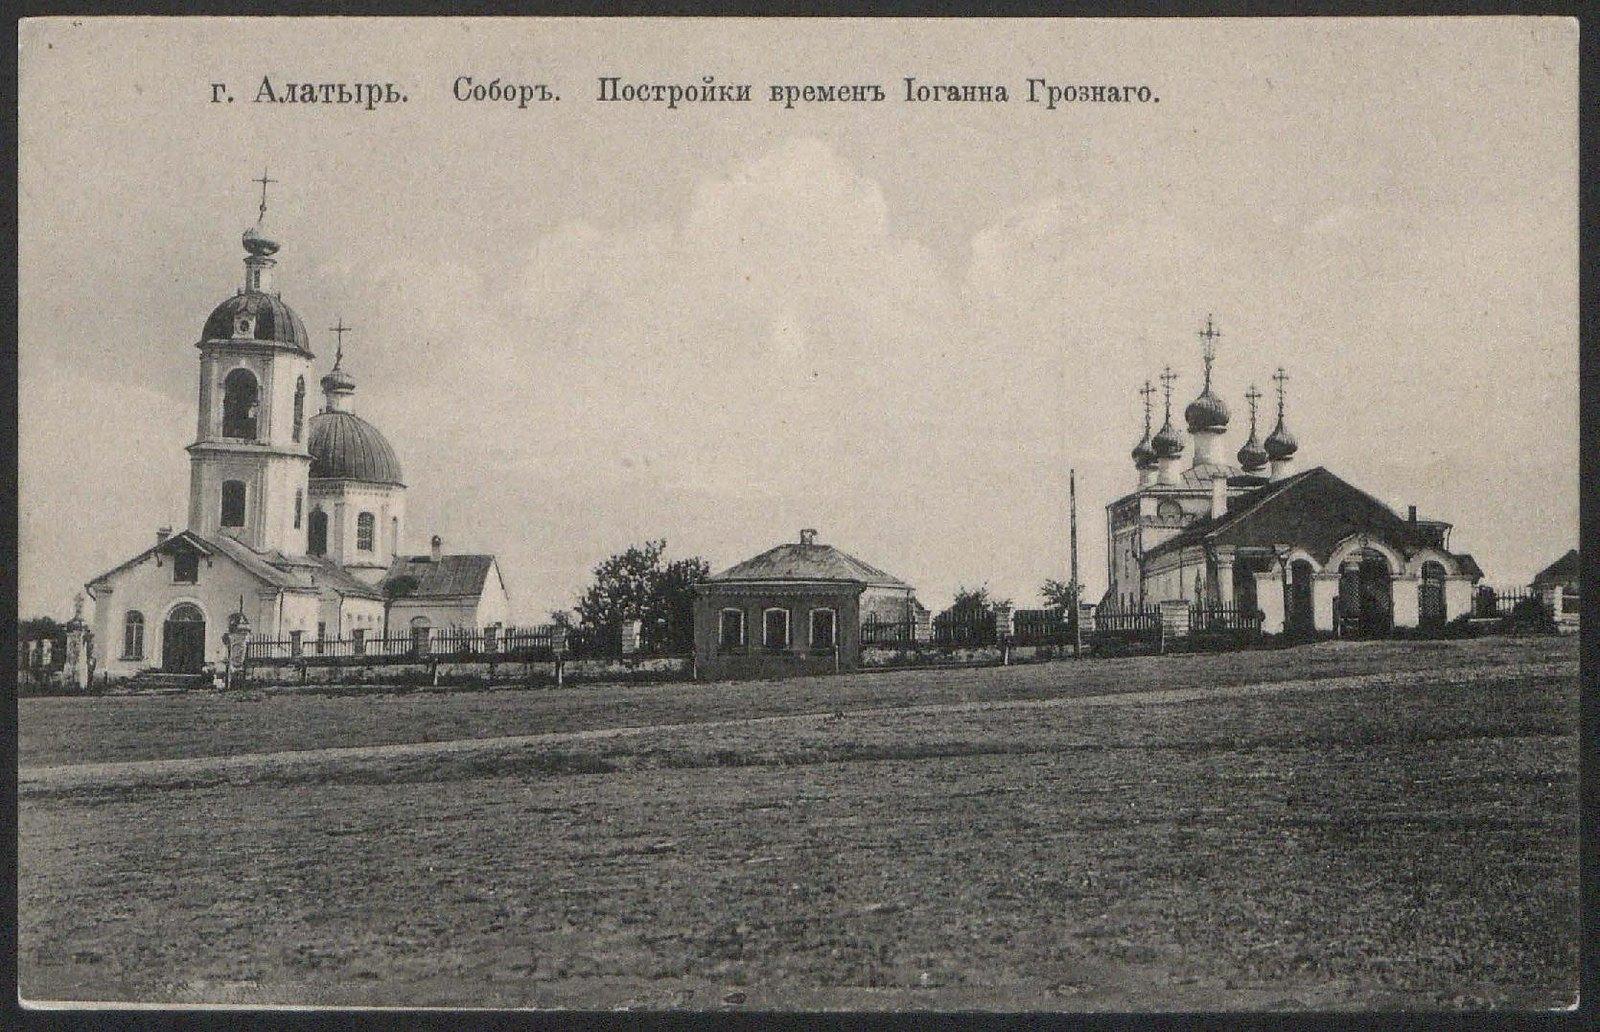 Собор. Постройки времен Иоанна Грозного